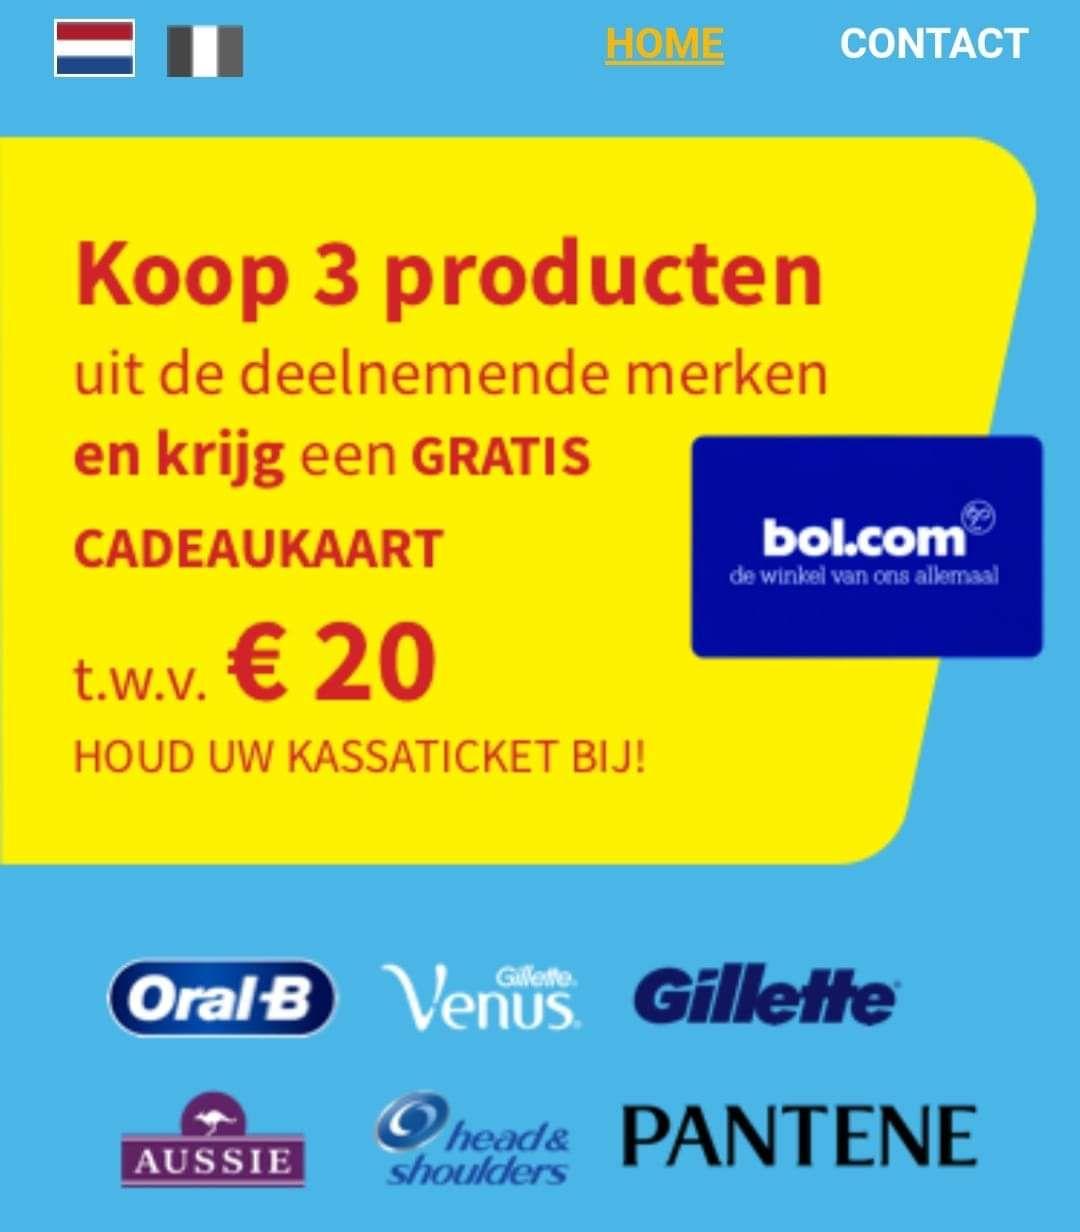 [Grensdeal België] Gratis €20 bol.com bon bij 3 actieproducten bij Delhaize